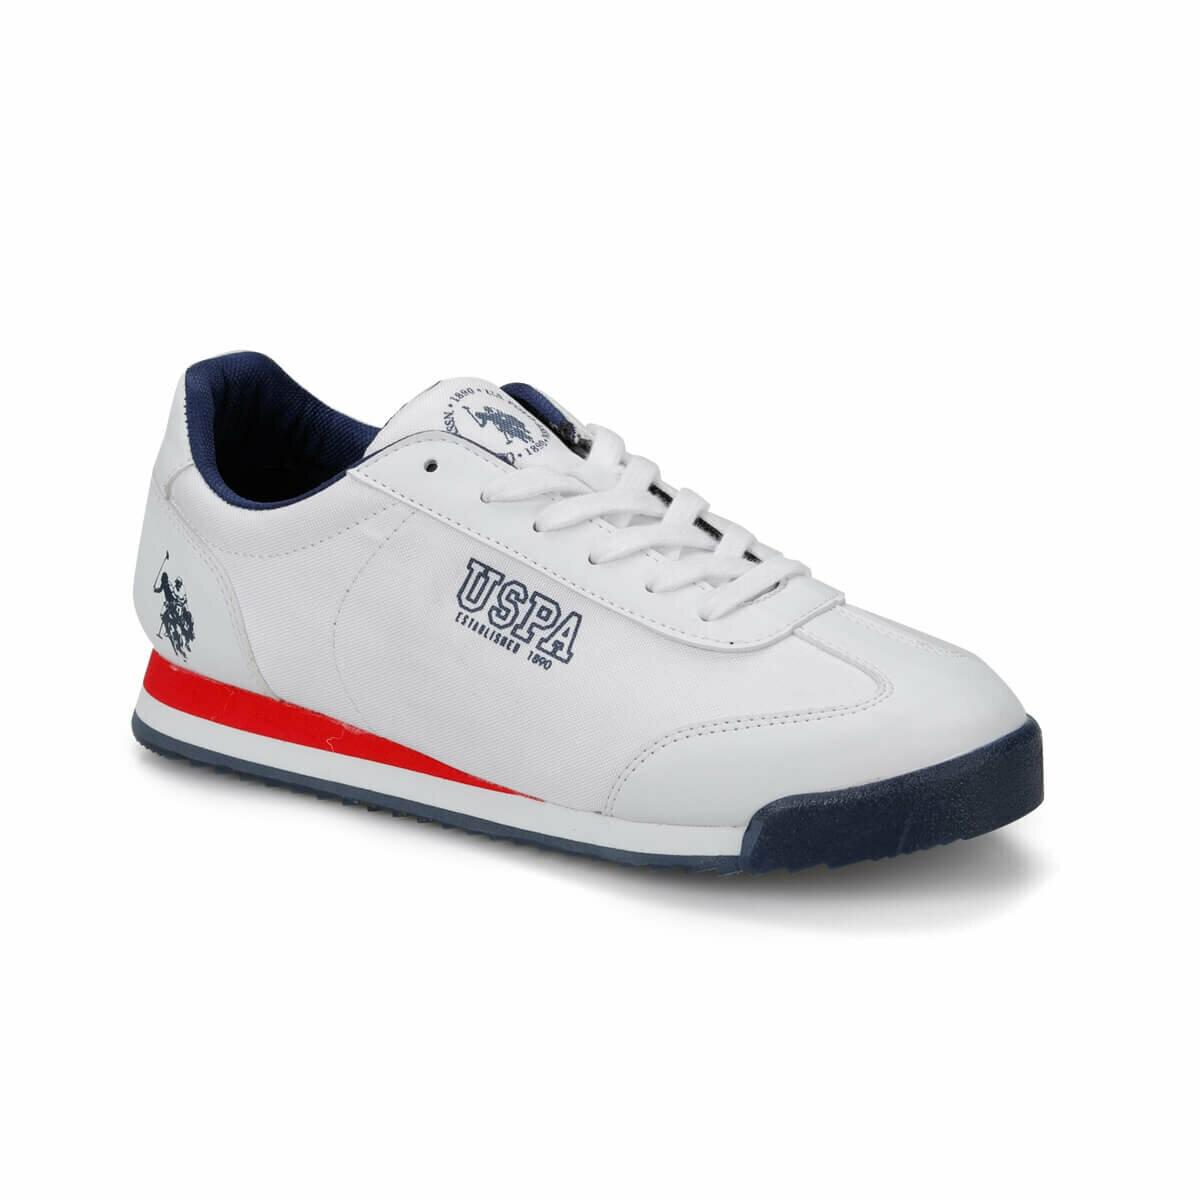 FLO DEEP SUMMER White Men 'S Sneaker Shoes U.S. POLO ASSN.